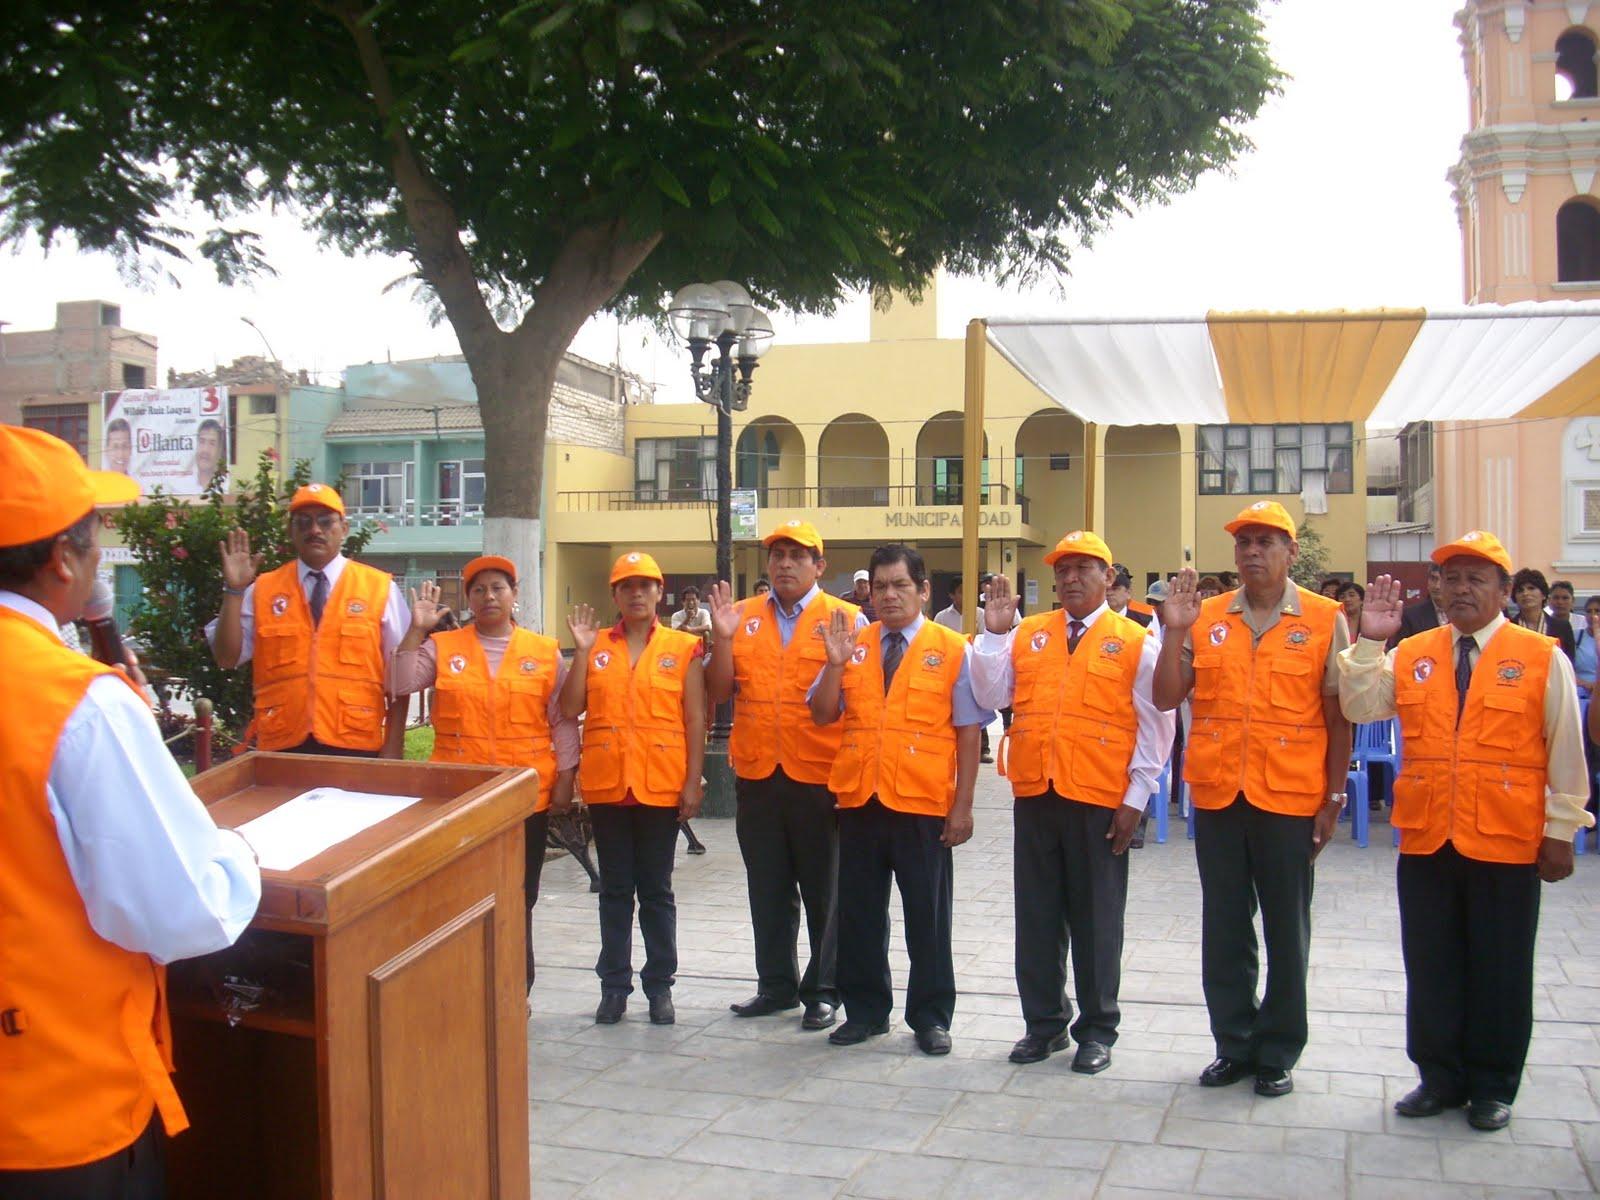 Municipalidad De Nueva Imperial Bienvenidos - newhairstylesformen2014 ...